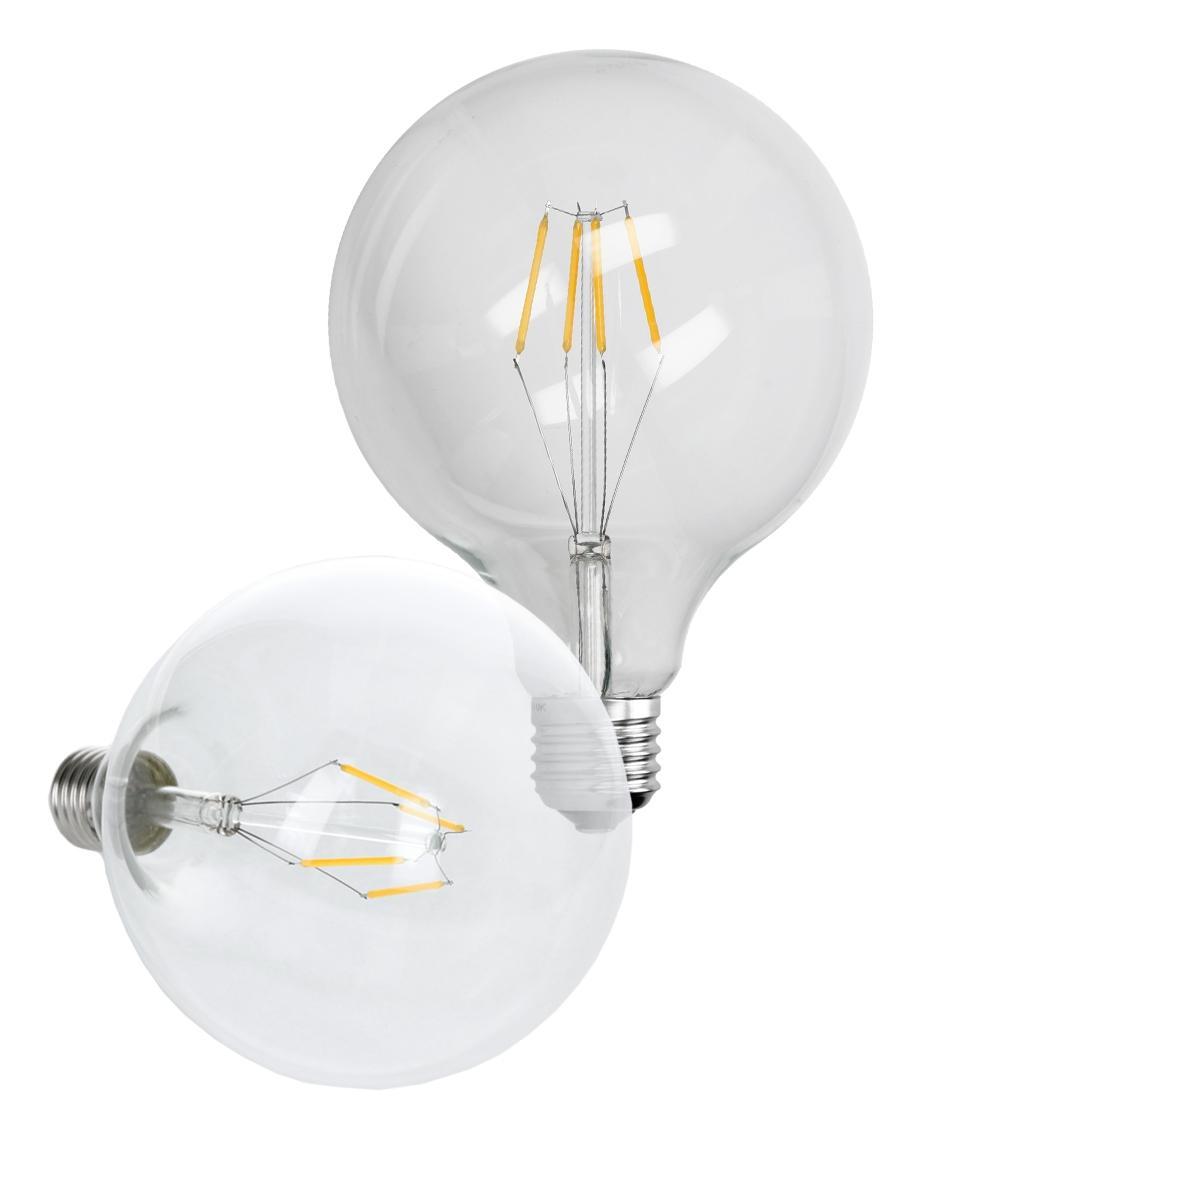 Ecd Germany 2 x ampoule LED à gros filament E27 4W 125 mm blanc chaud